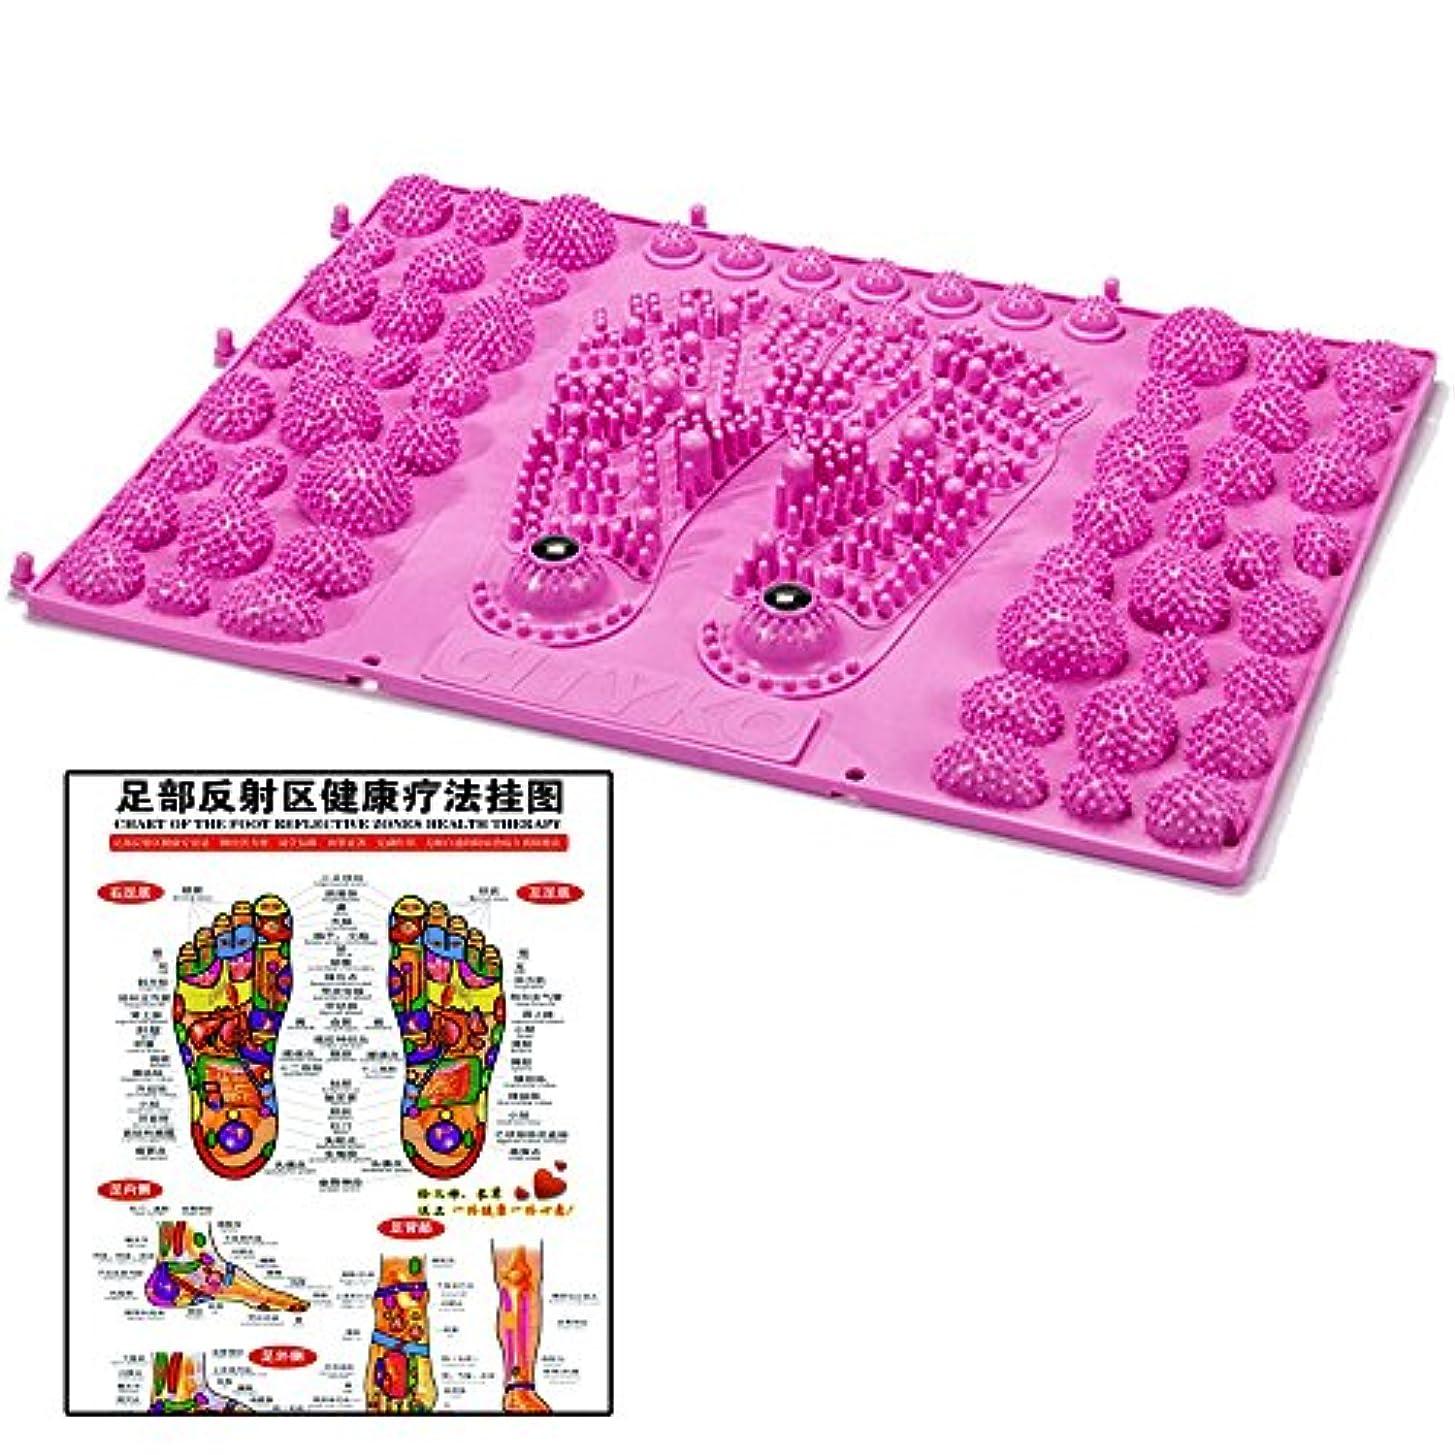 ブランド名なすつかいます(POMAIKAI) 足型 足ツボ 健康 マット ダイエット 足裏マッサージ 反射区 マップ セット (ピンク)